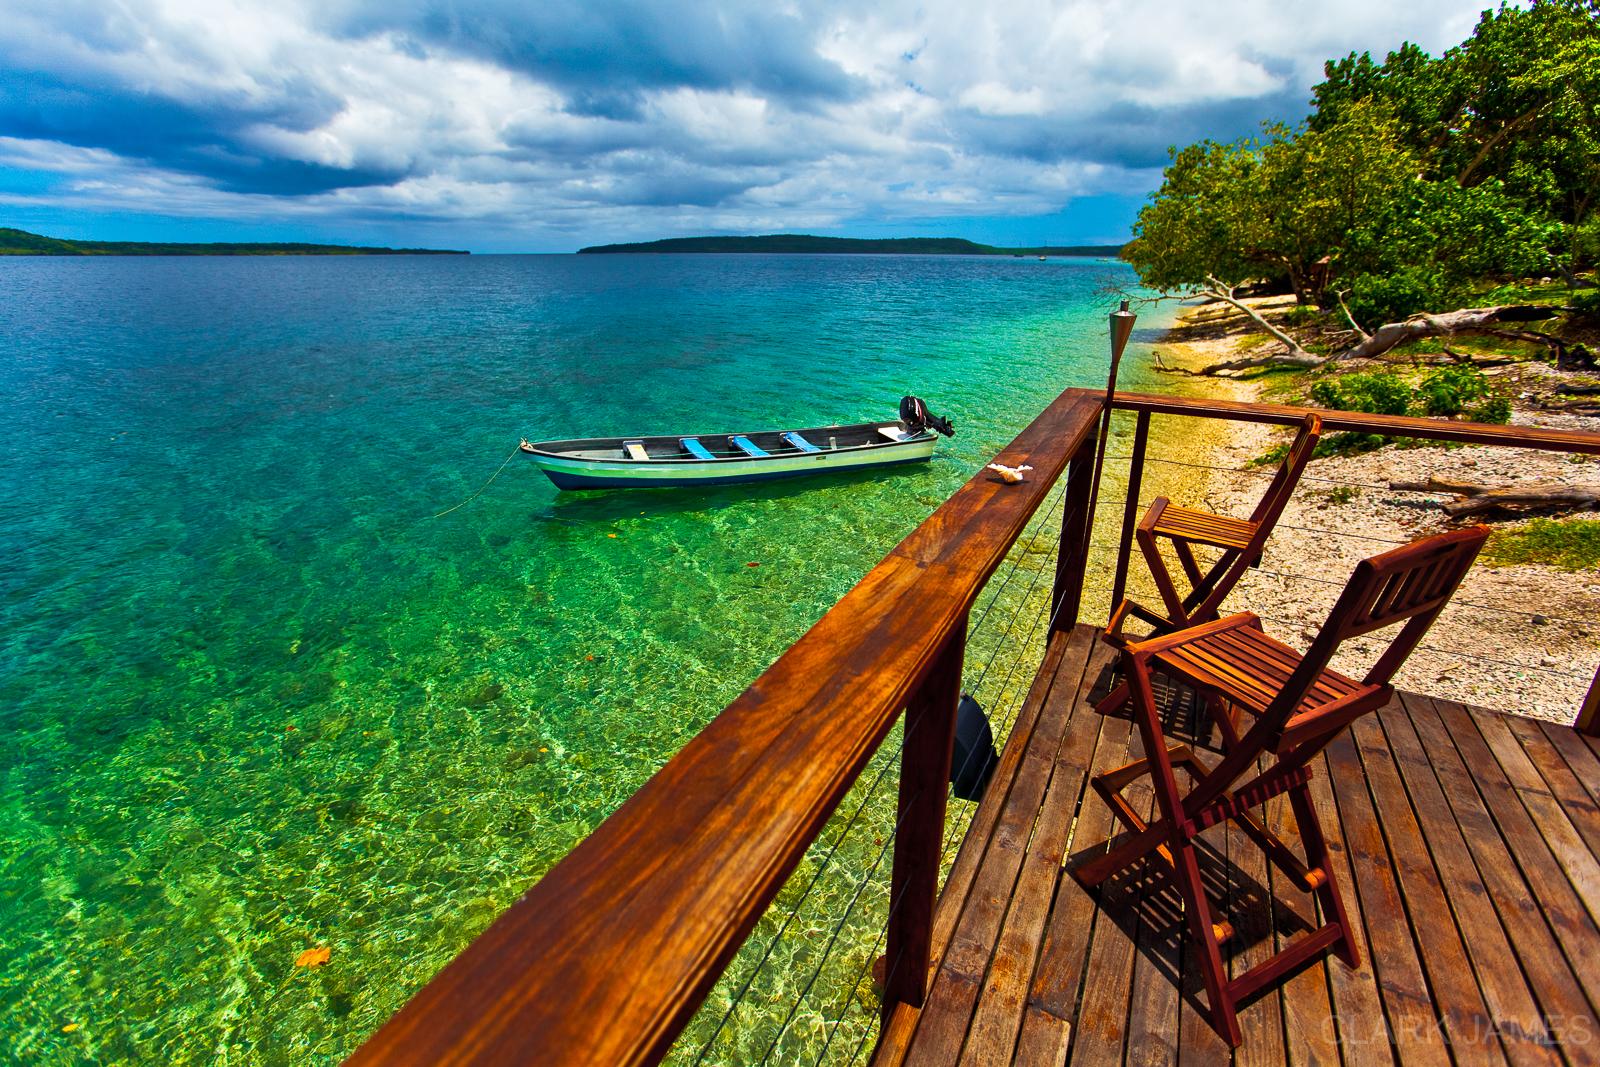 BOAT IN CLEAR WATER EFATE, VANUATU